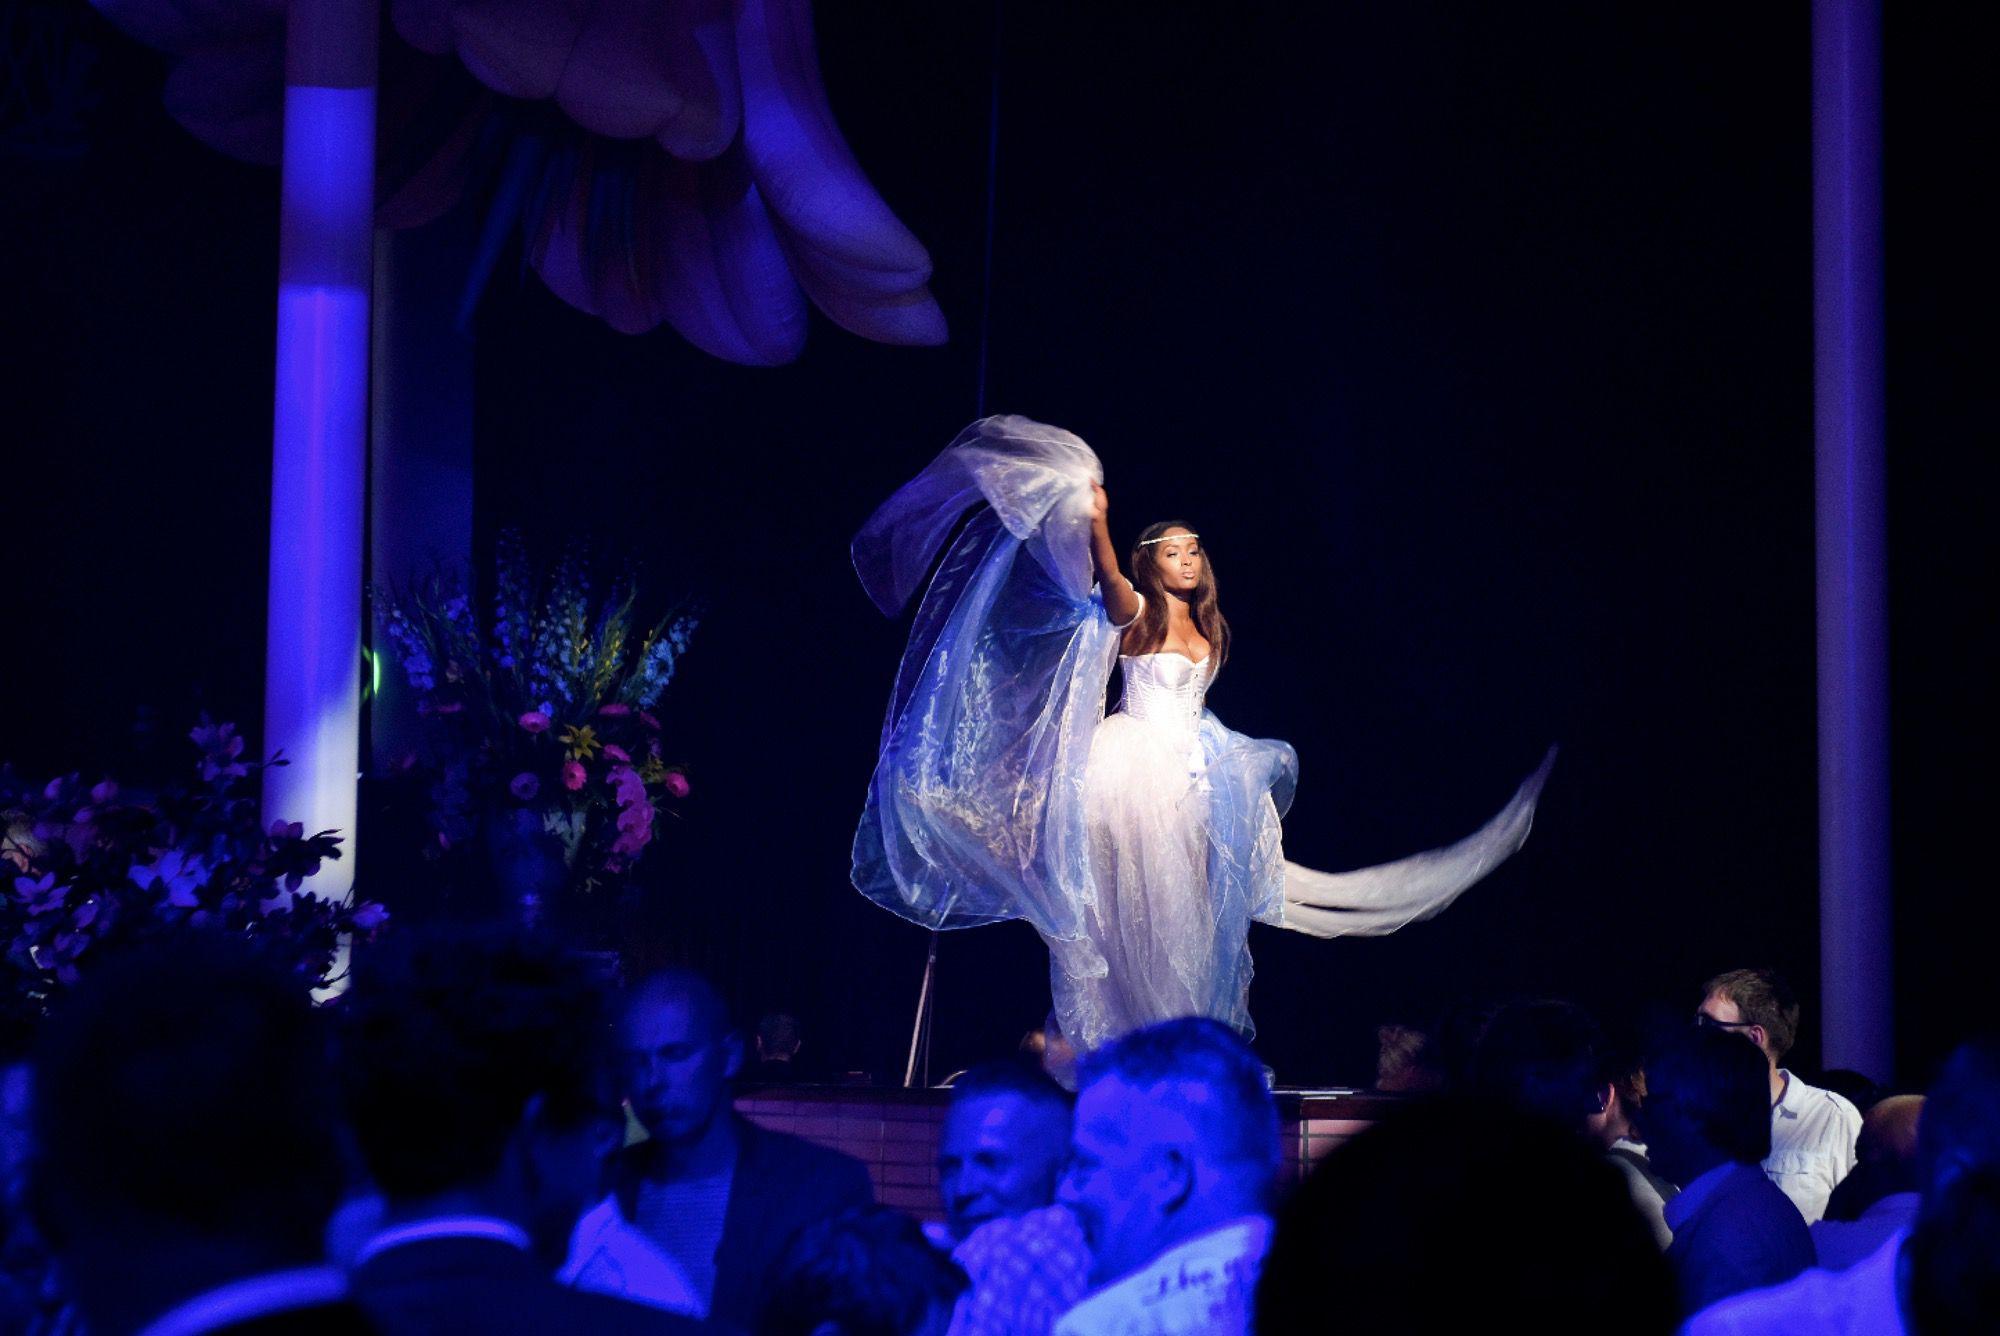 bart albrecht fotograaf photographer huwelijksfotograaf bruidsfotograaf events bedrijfsfeesten party feesten fotografie 0015.jpg